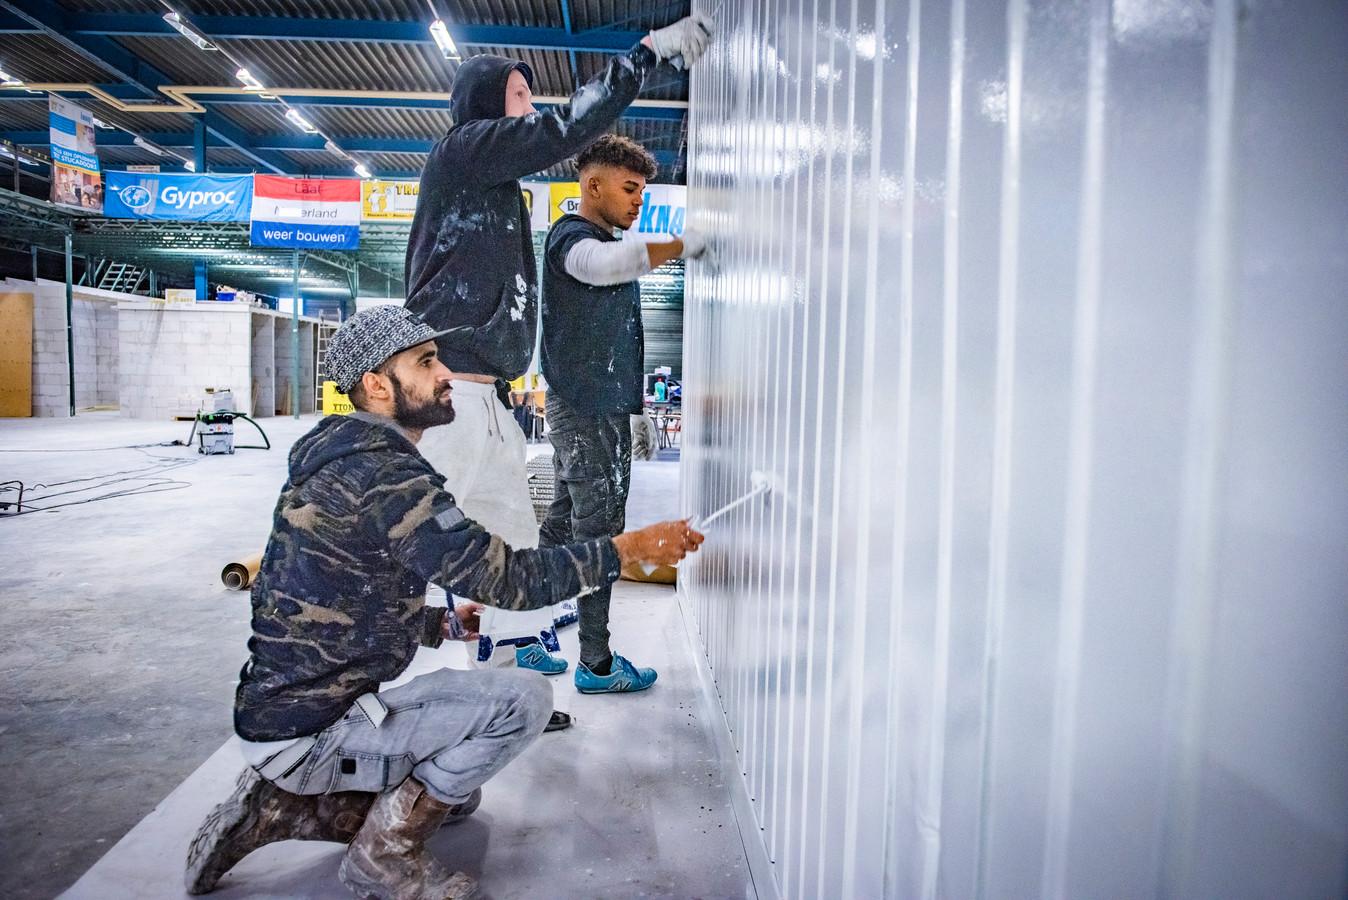 De Energie Academie Den Haag. Kansarme jongeren en volwassenen krijgen de kans om binnen 6 maanden weer aan het werk te gaan, onder meer in de bouw.